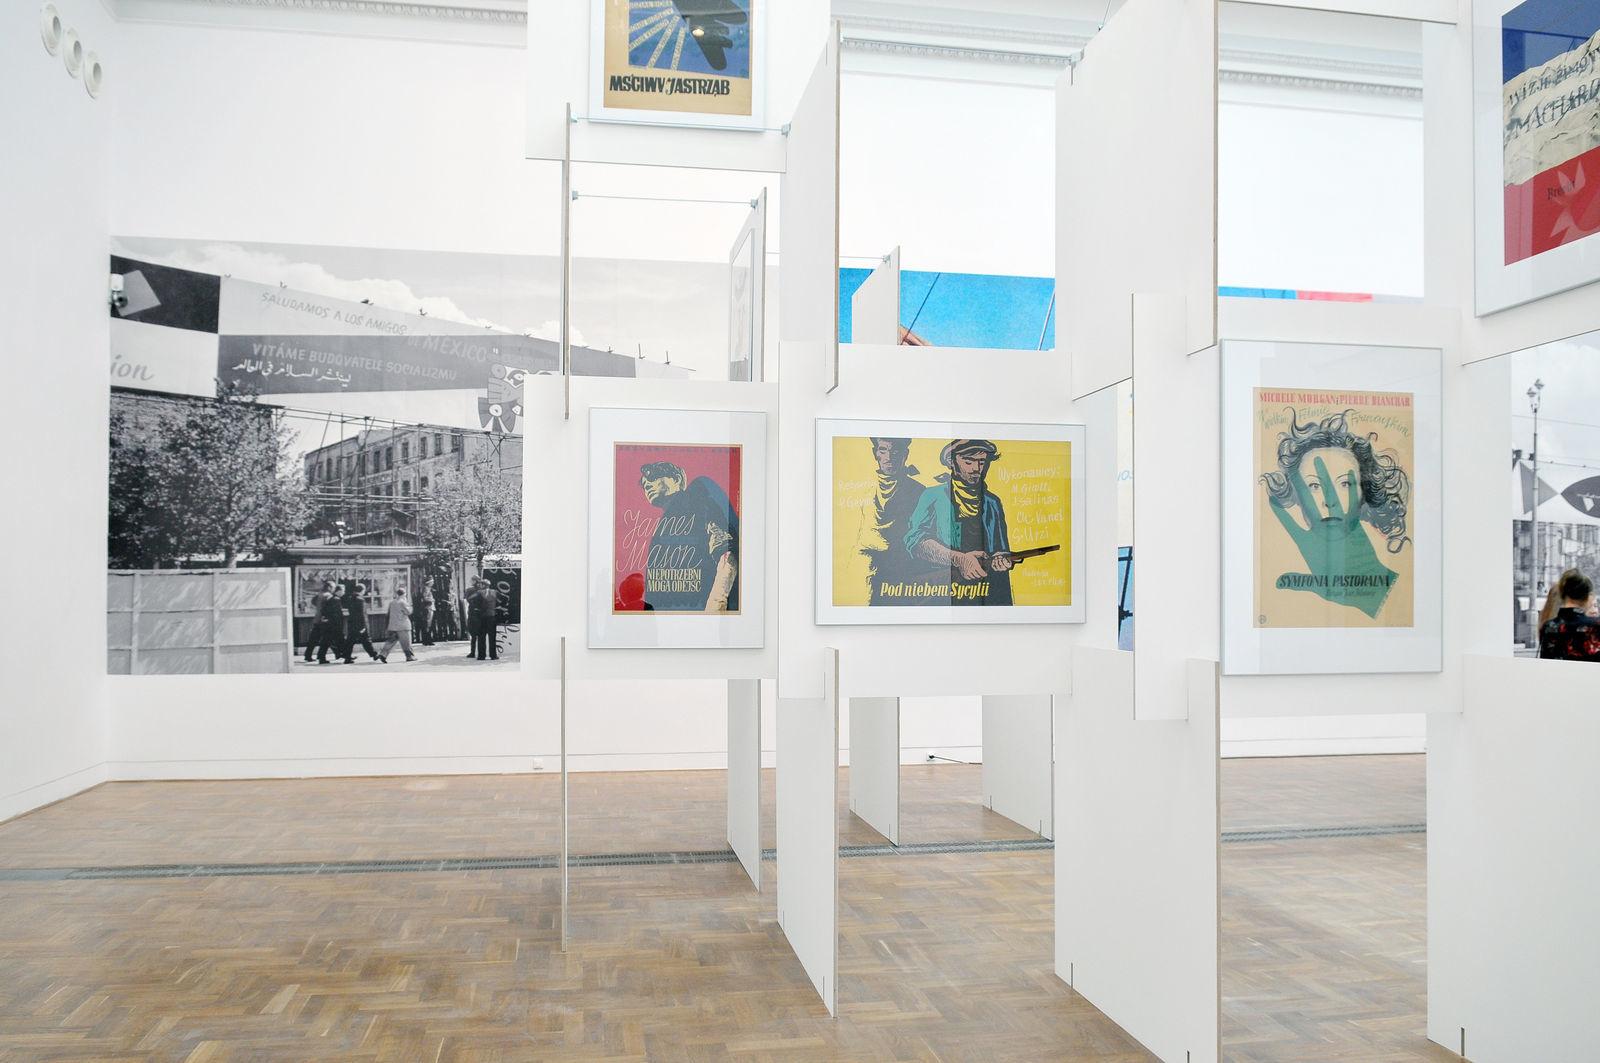 Byłem, czego iwam życzę. Henryk Tomaszewski, widok ekspozycji, Zachęta – Narodowa Galeria Sztuki, Warszawa 2014, fot.Marek Krzyżanek